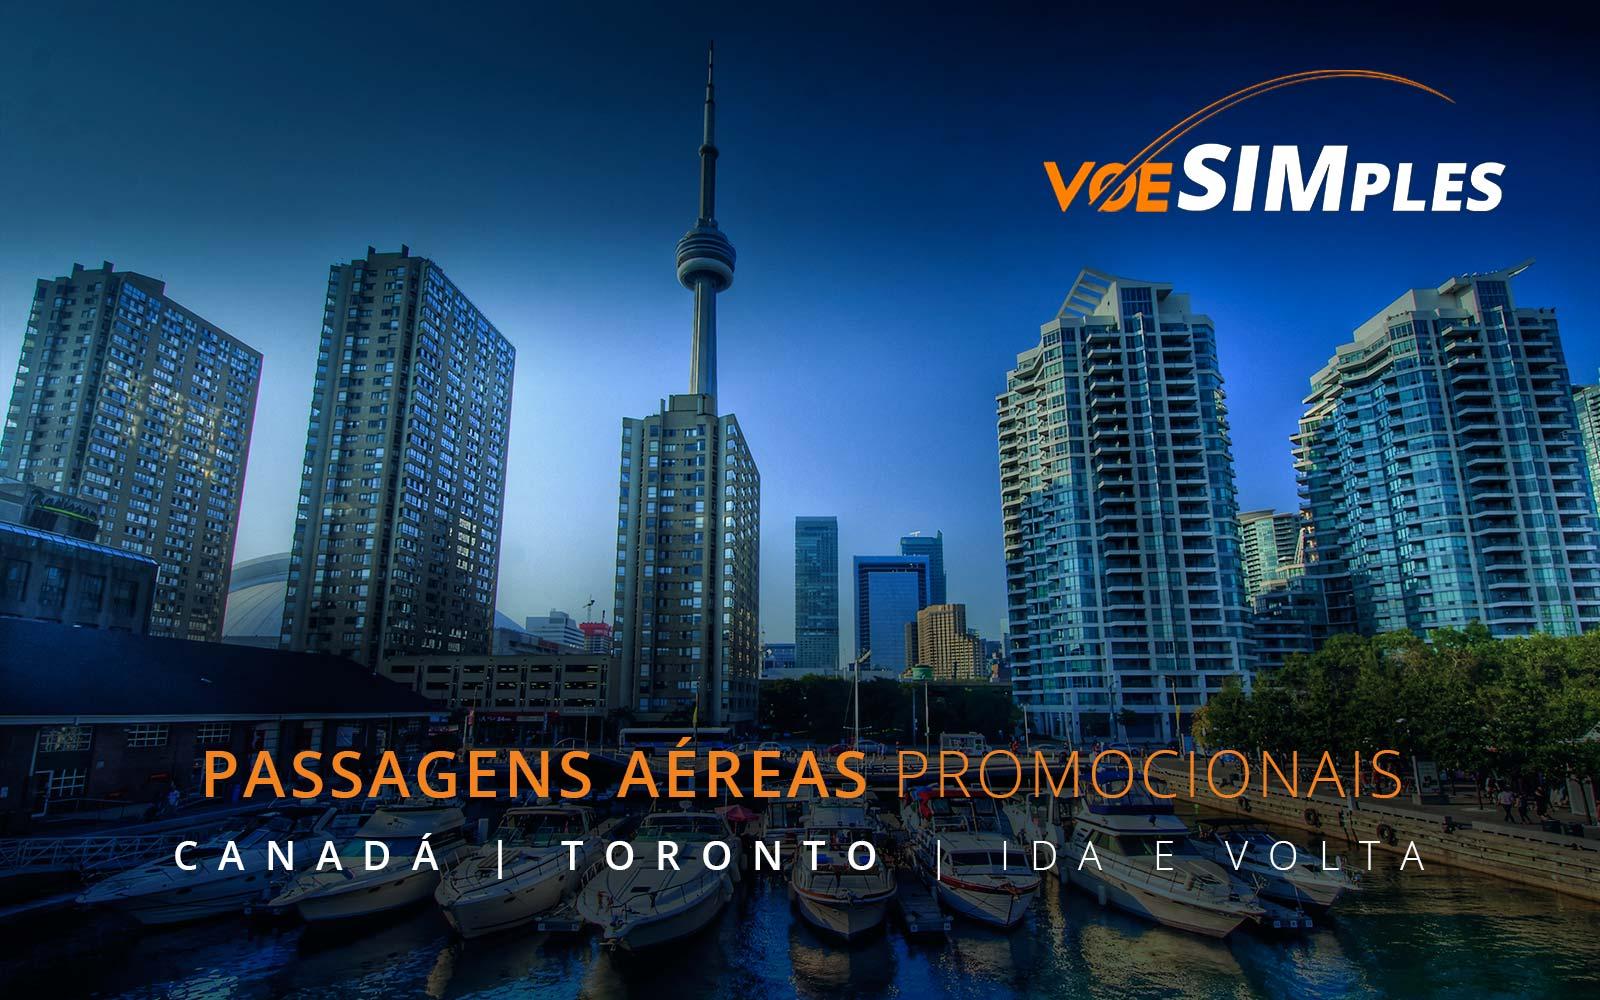 Passagens aéreas promocionais para Toronto no Canadá